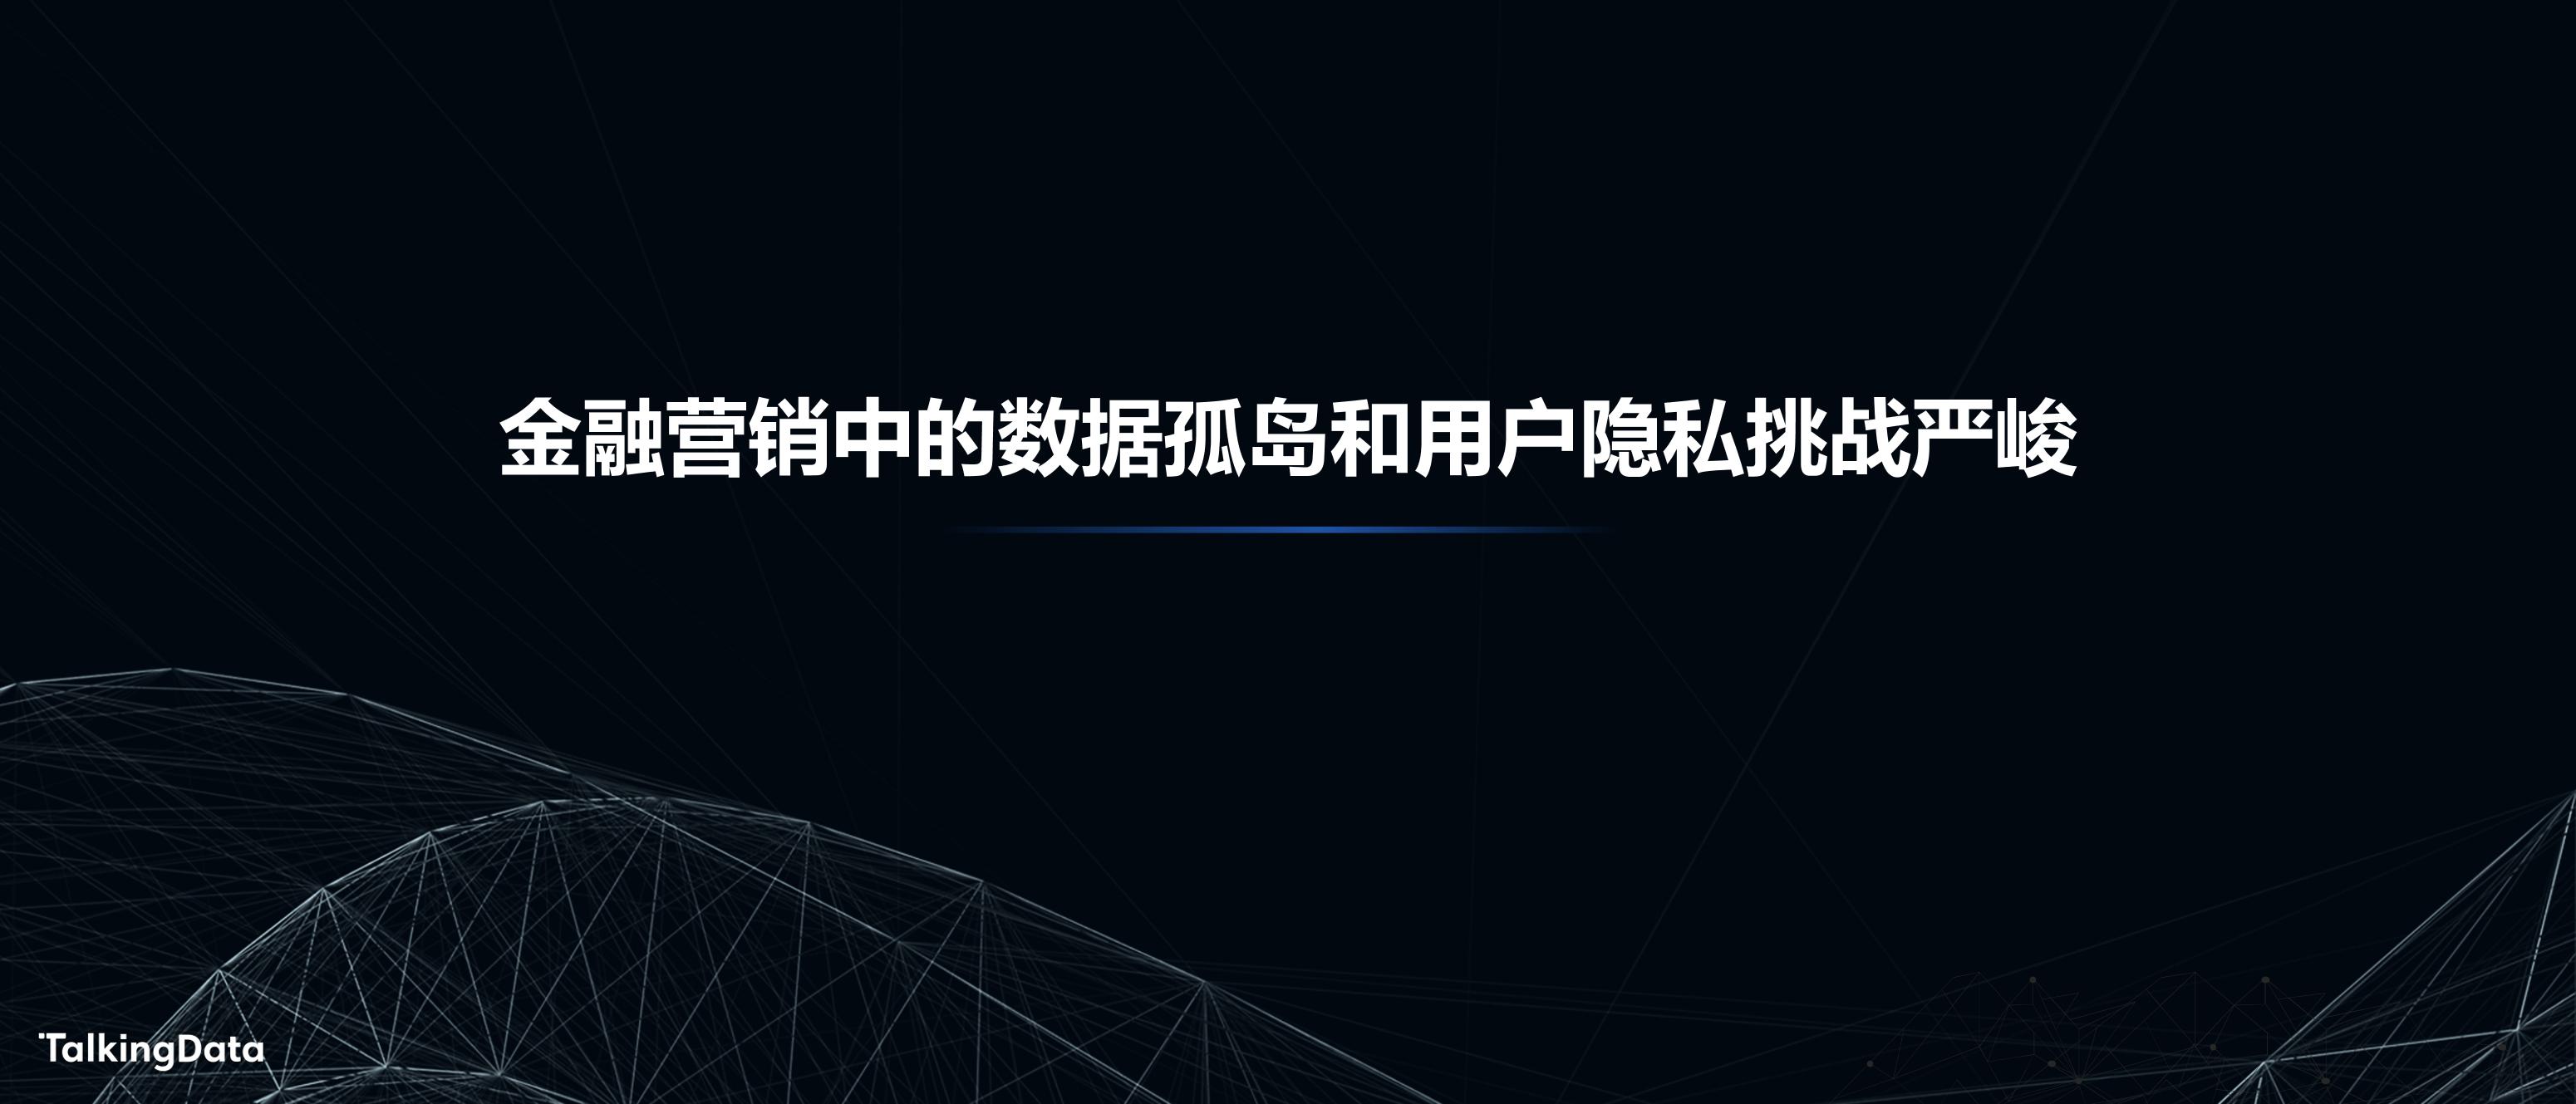 人工智能助力新金融_1575614935172-2